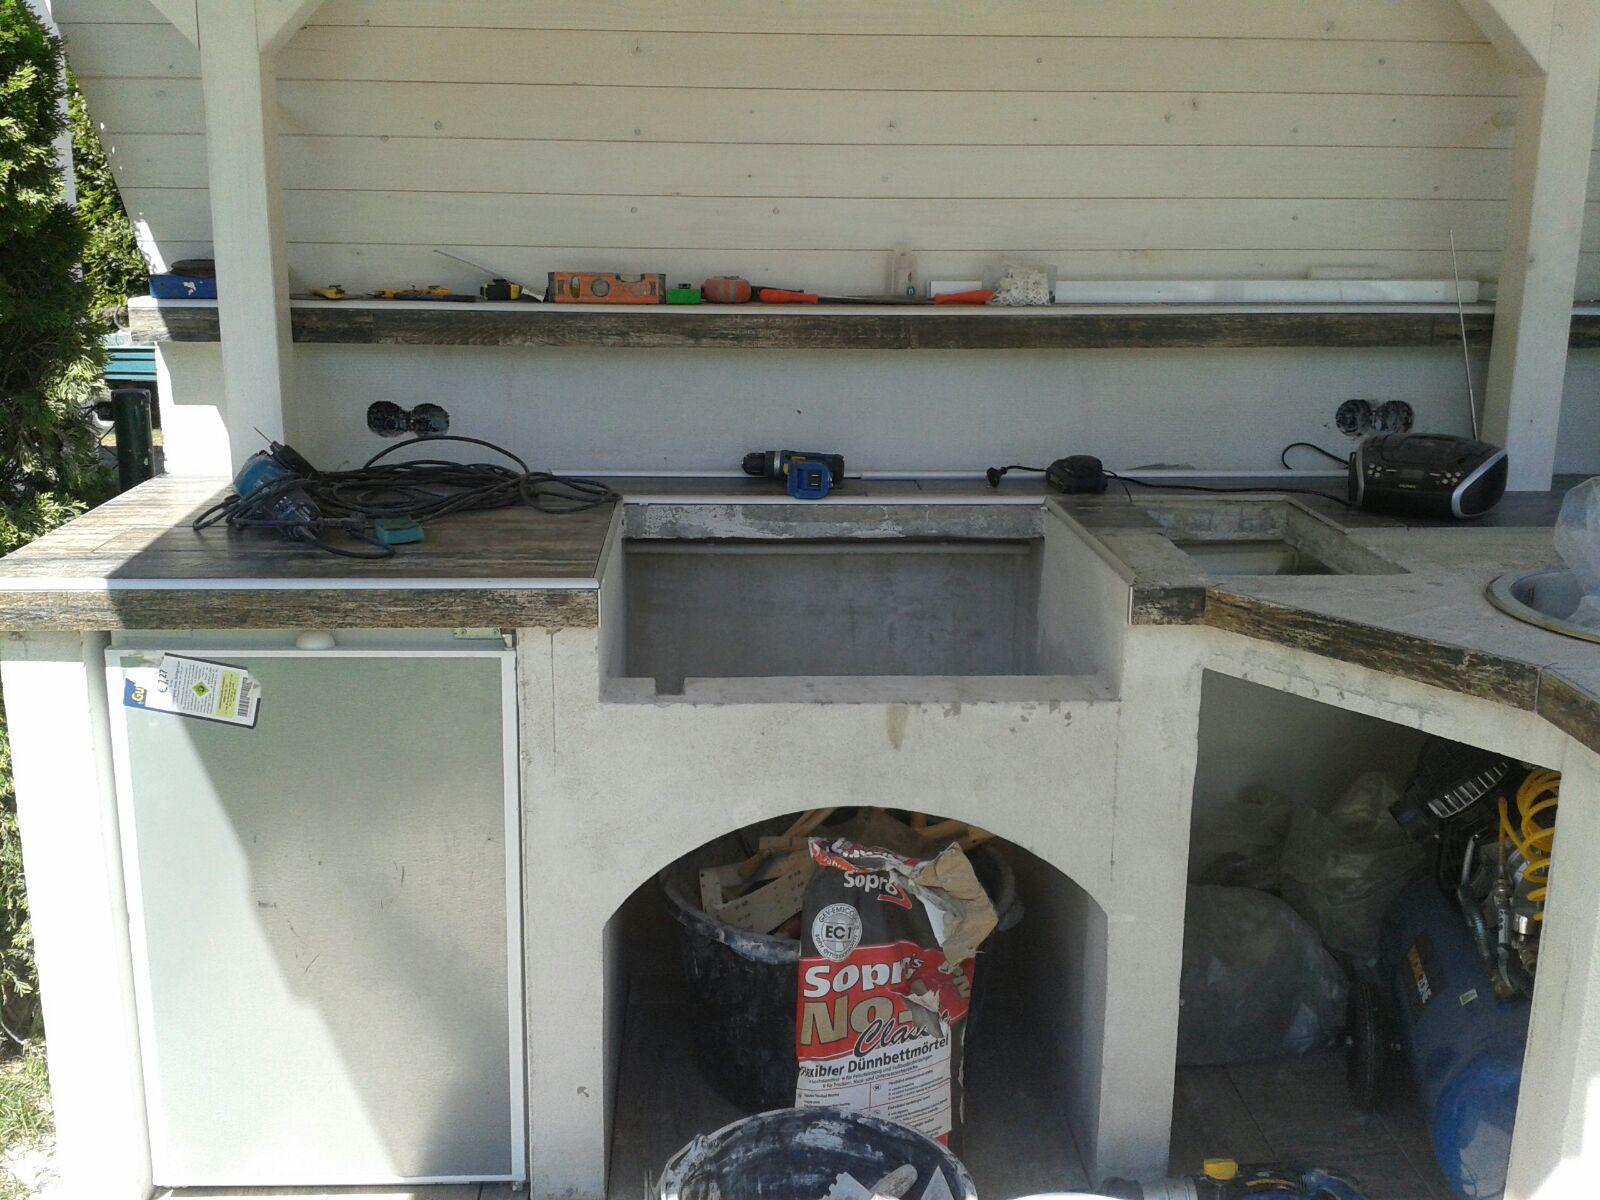 Außenküche Selber Bauen Grillsportverein : Sanierung außenküche grillforum und bbq grillsportverein